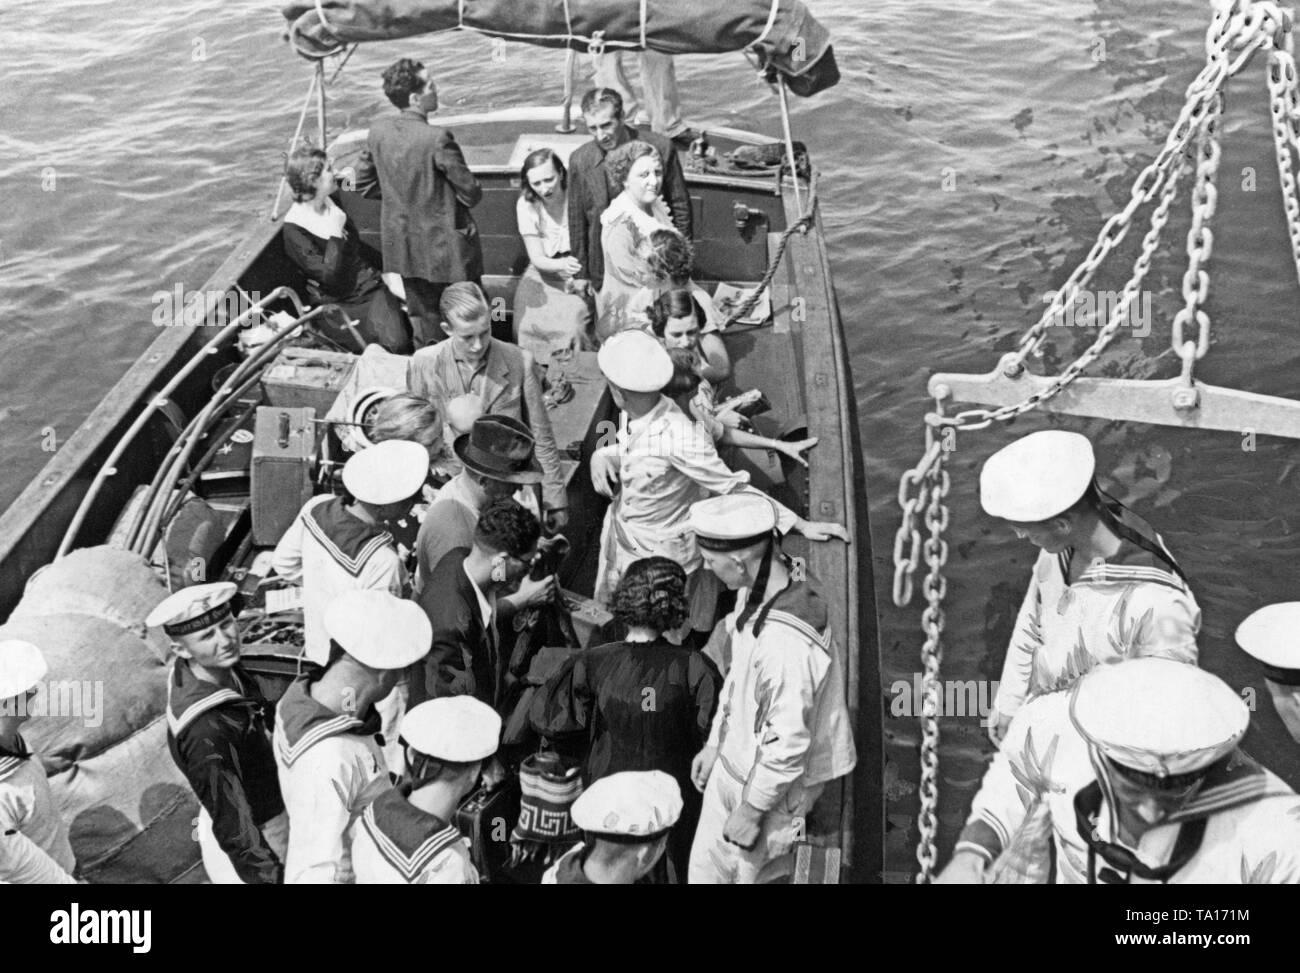 """Foto von einer Gruppe deutscher Flüchtlinge während des Spanischen Bürgerkriegs in einem beiboot Der Schwere Kreuzer 'Deutschland' auf einer Reede aus Valencia. Eine Gruppe von Matrosen und ein Offizier helfen Menschen an Bord 'Deutschland' kommen. 'Deutschland' brachten die Flüchtlinge nach Girona, wo Sie durch die Dampfer der NS-Organisation """"Kraft durch Freude"""" ('Stärke durch Freude'), Monte Sarmiento (1924 gestartet, Monte-Klasse, 1942 versenkt) aufgenommen wurden. Stockbild"""